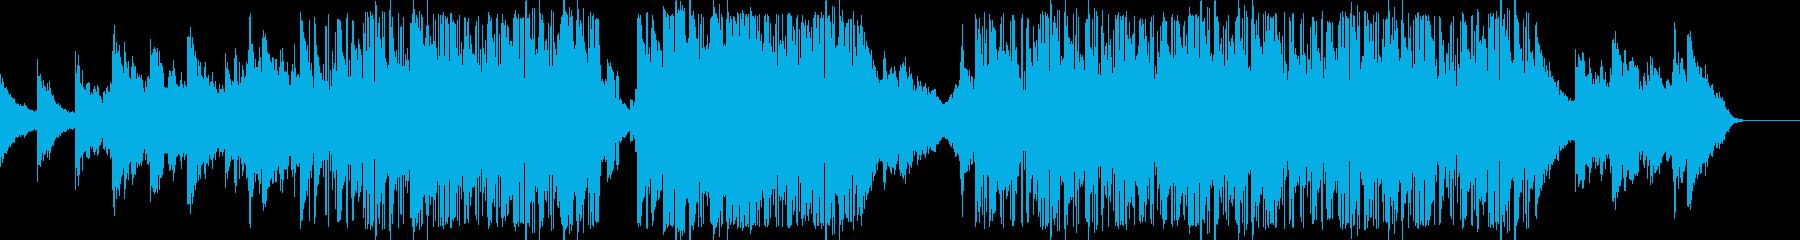 エレキギターのコードが特徴的なBGMの再生済みの波形